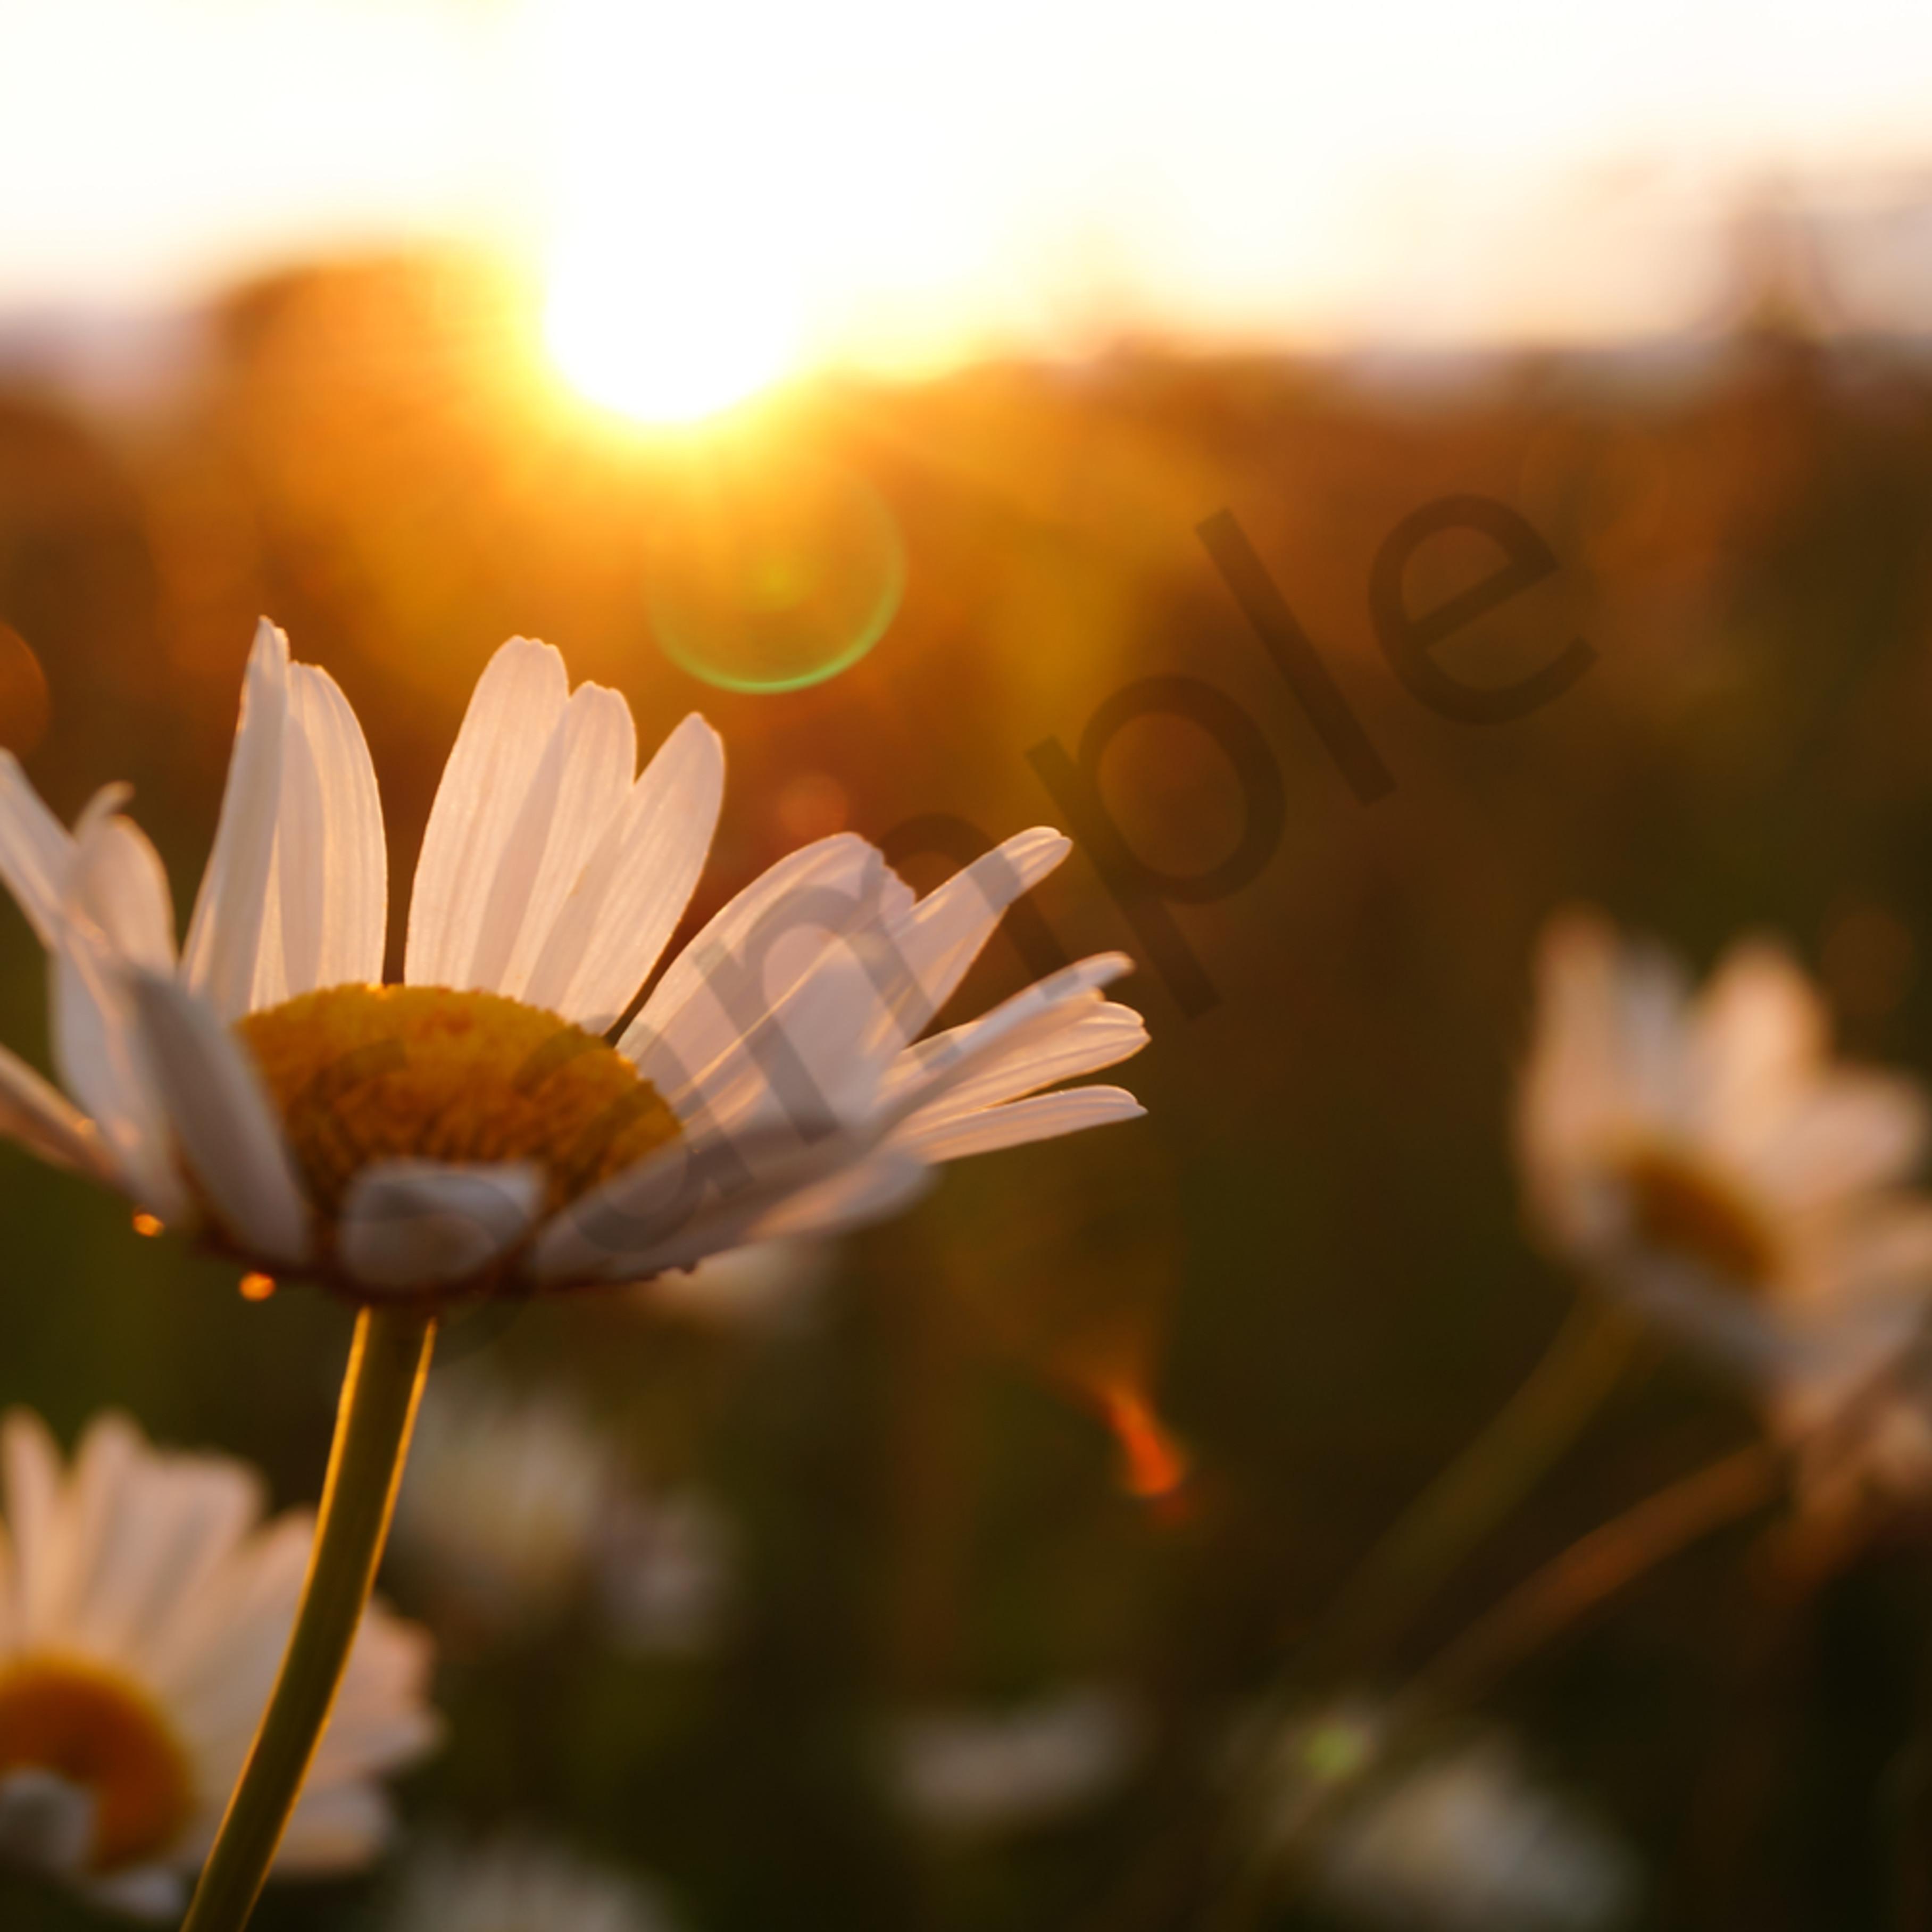 Sunset daisies gvacga